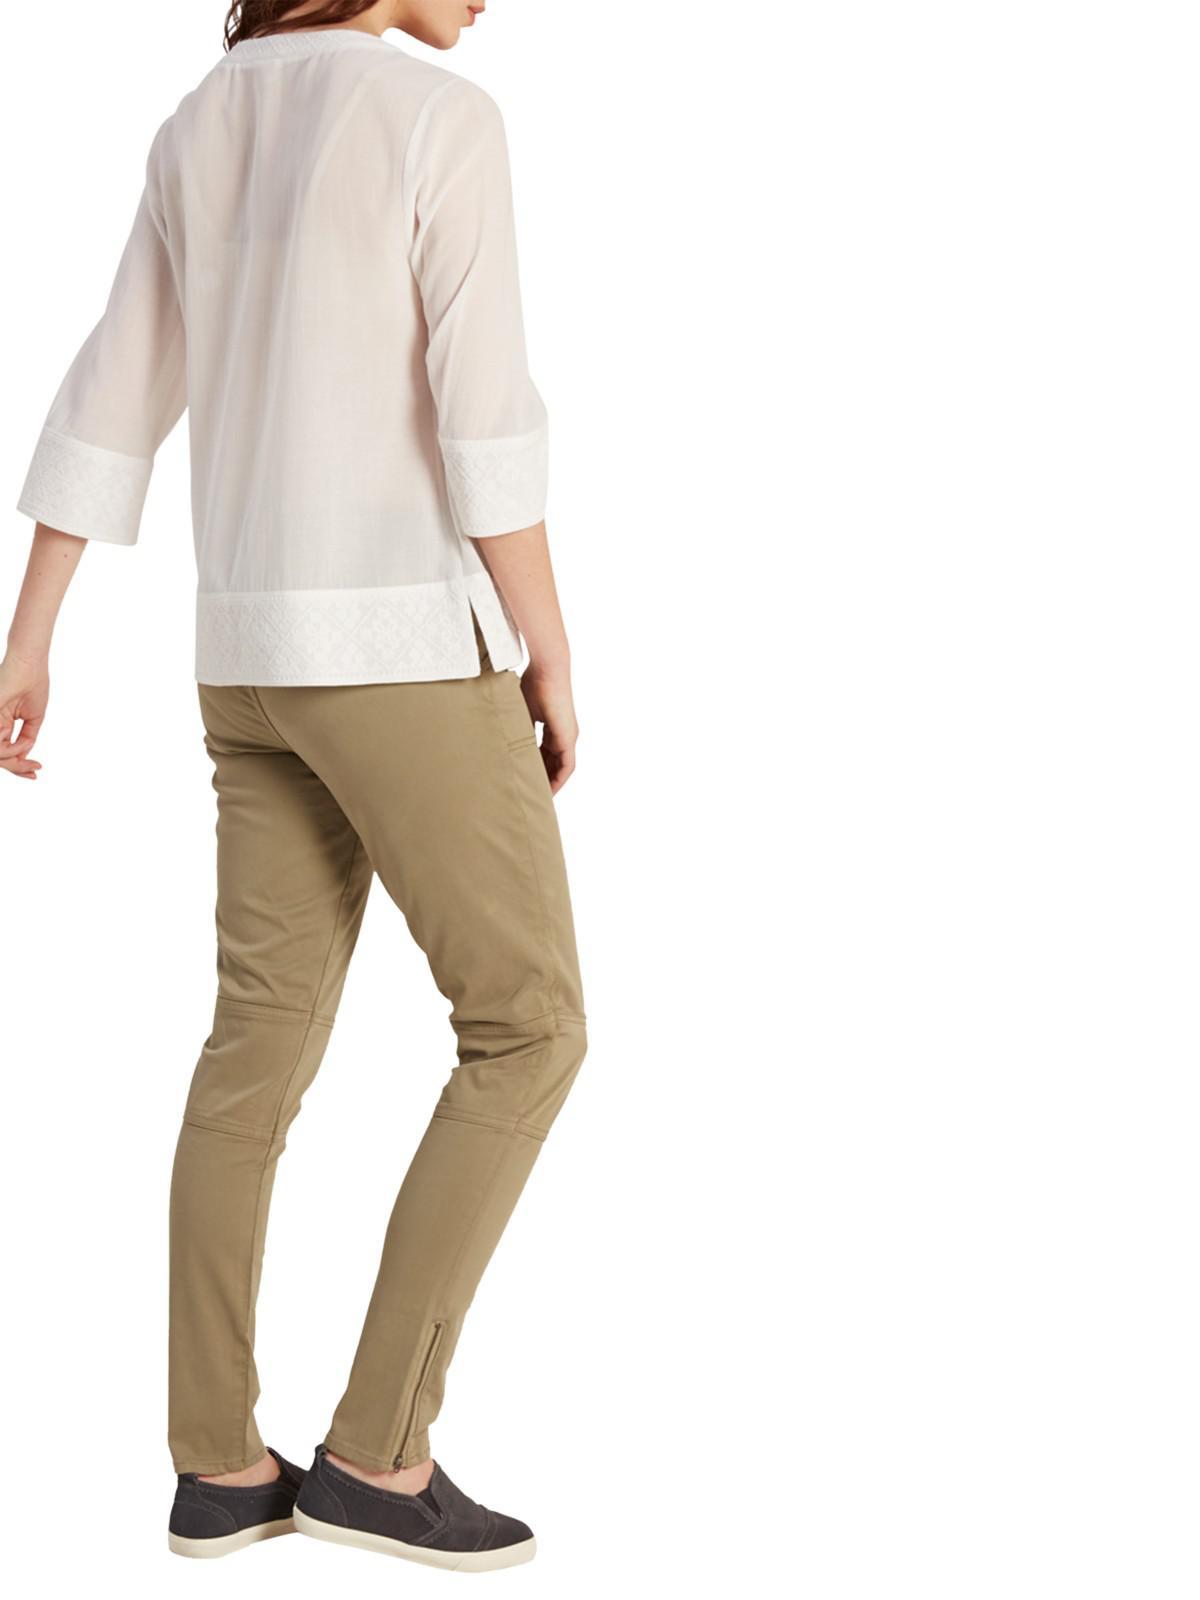 White Stuff Denim Super Soft Skinny Cargo Jeans